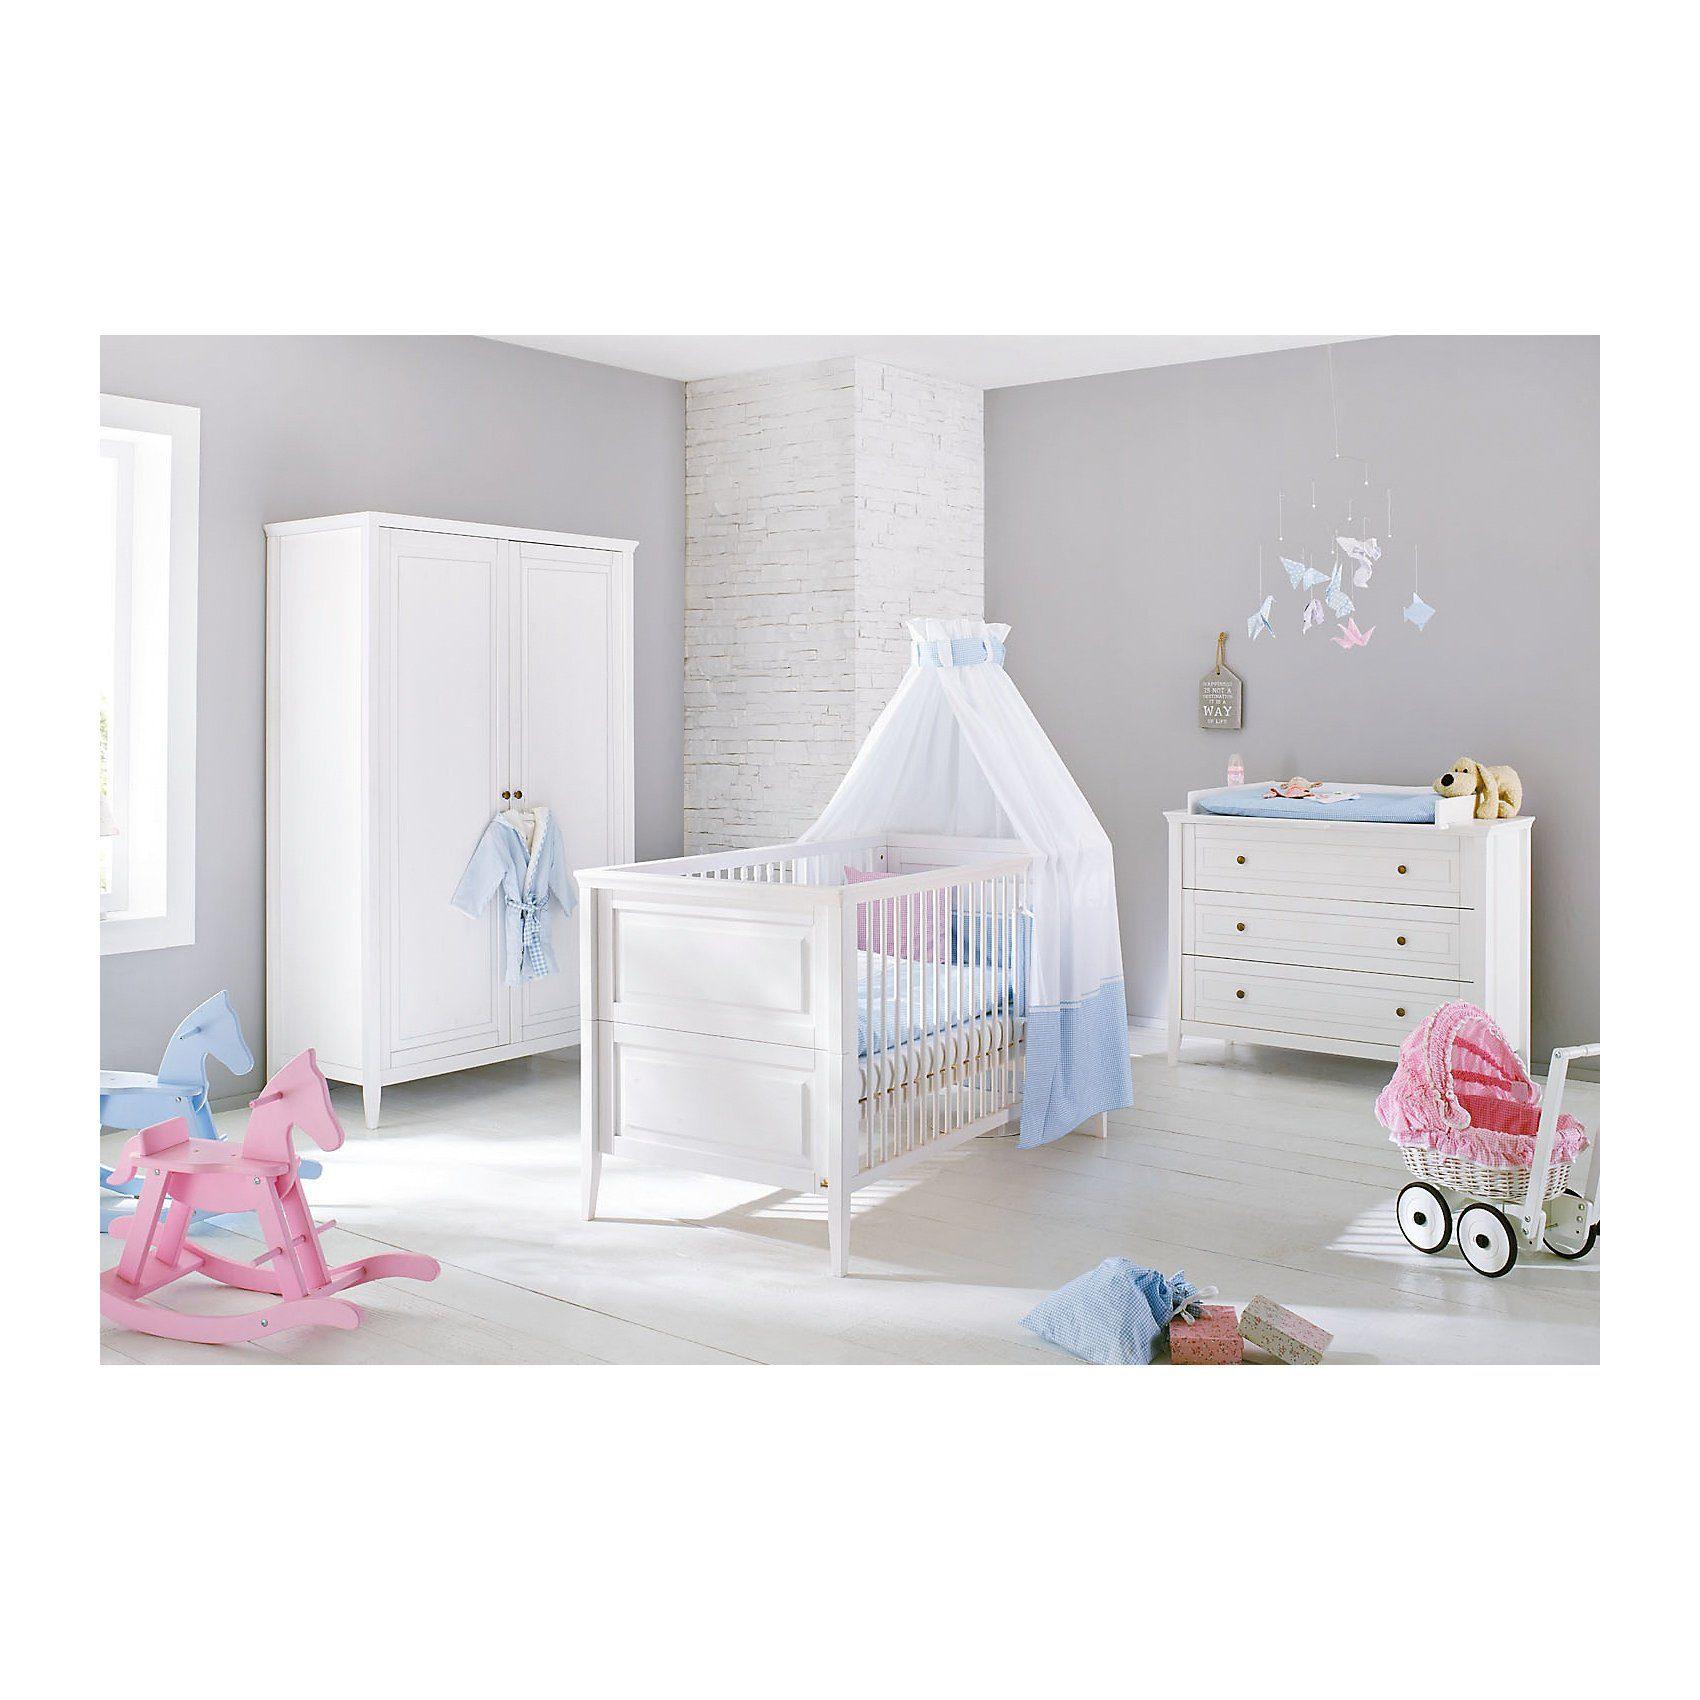 Pinolino Komplett Kinderzimmer SMILLA, (Kinderbett, Wickelkommode ...